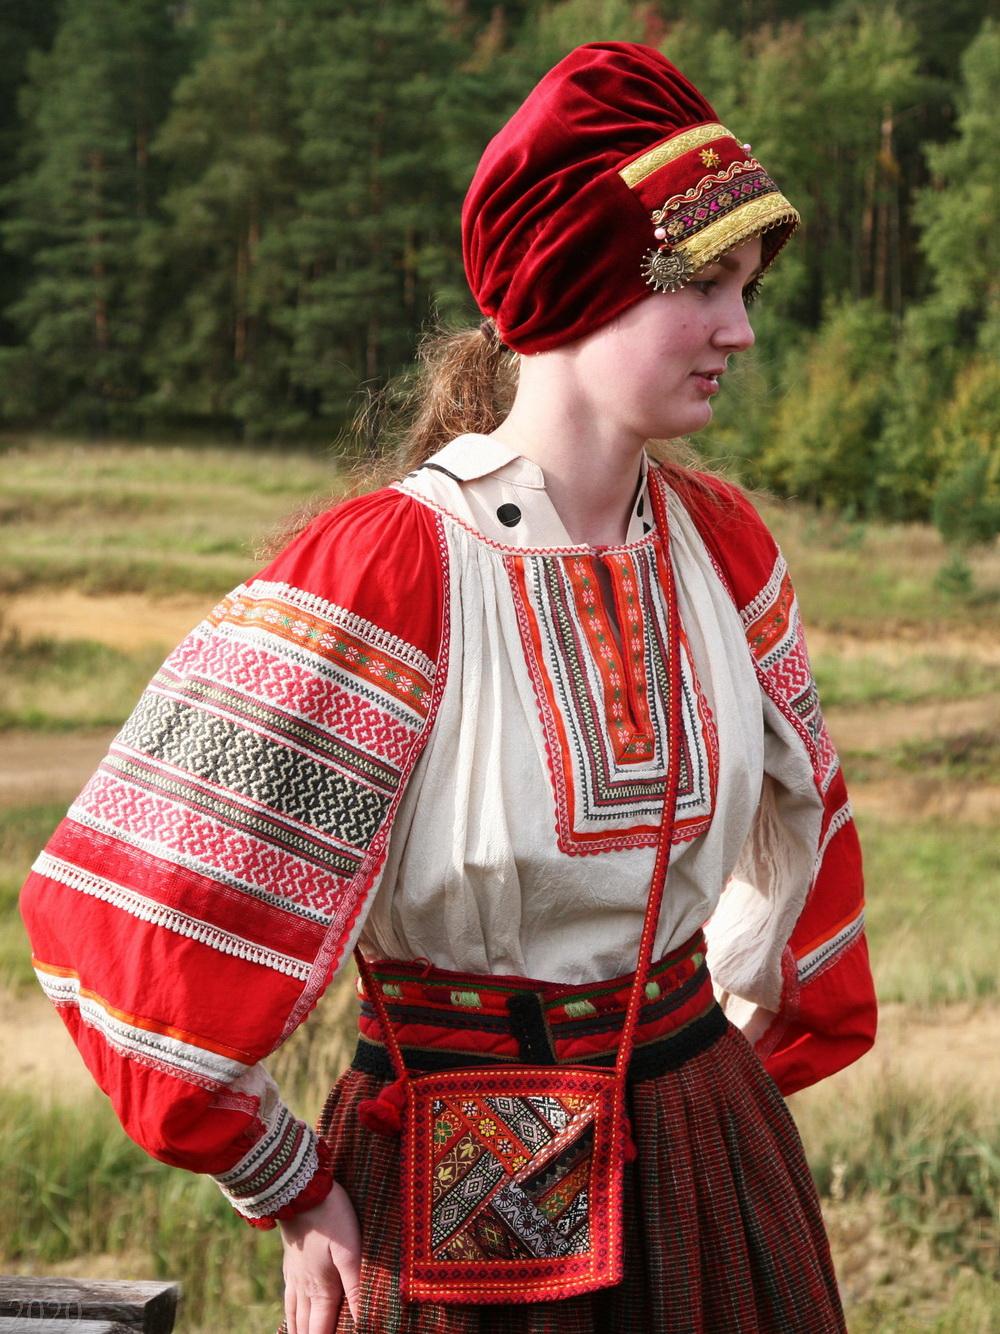 Фото из ВК: Студентка в наряде на народных гуляниях Славянский спас, 20.09.2020